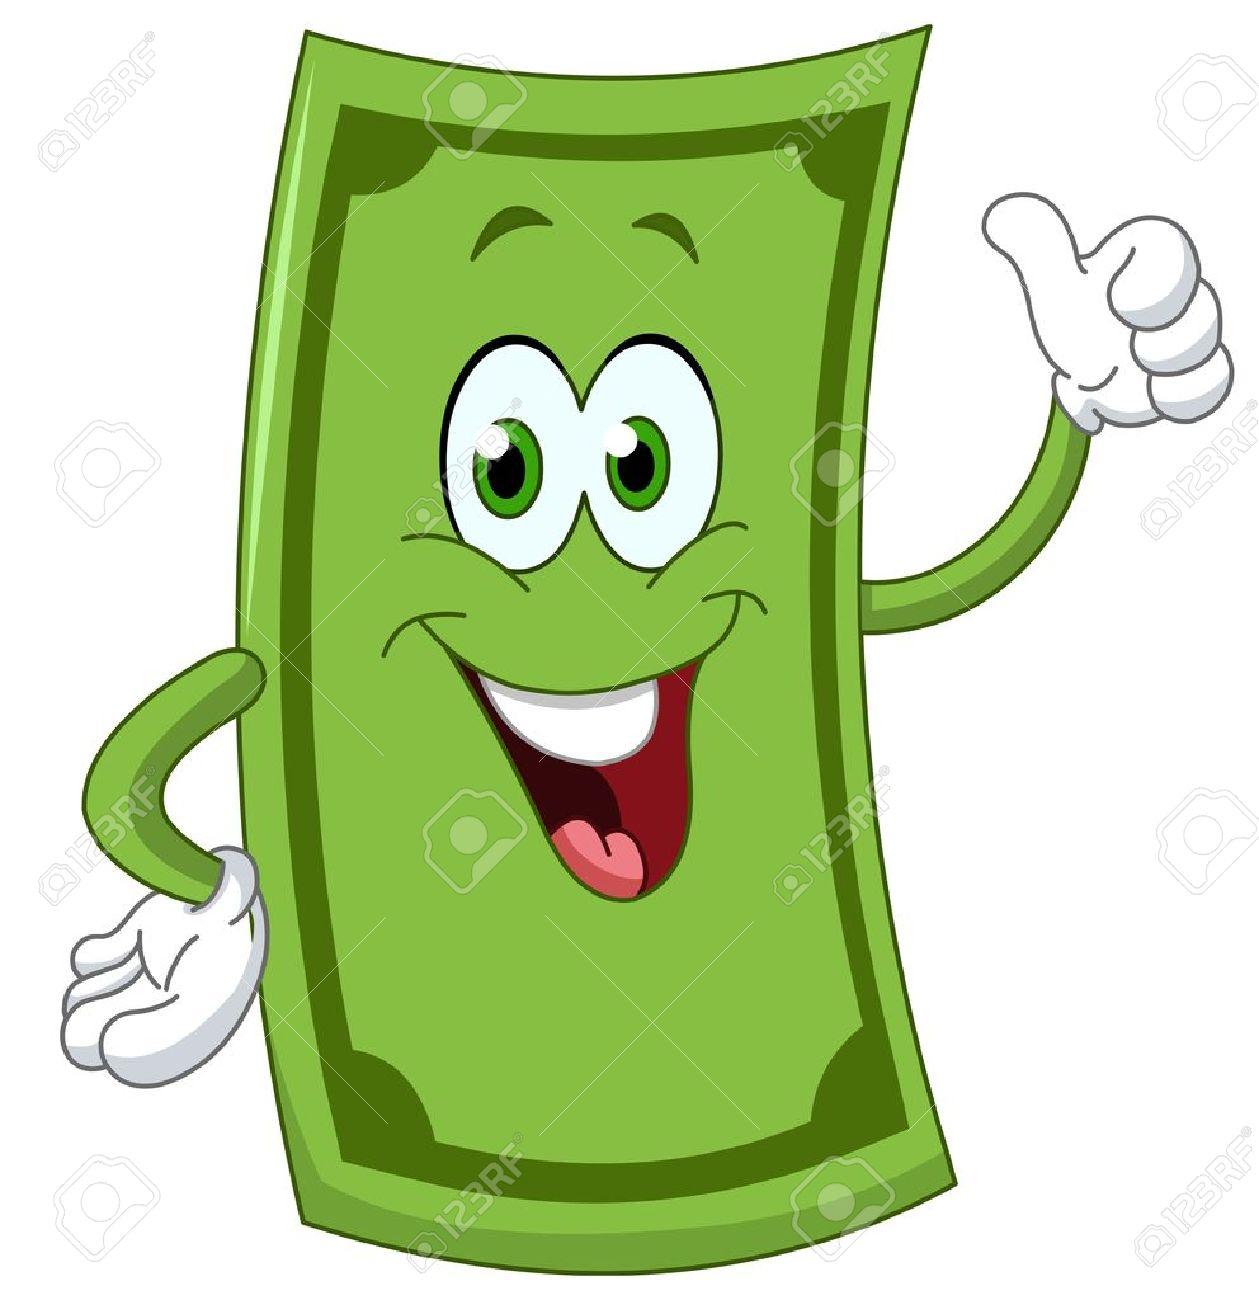 Bancos Dibujos Animados Dibujos Animados Dólar